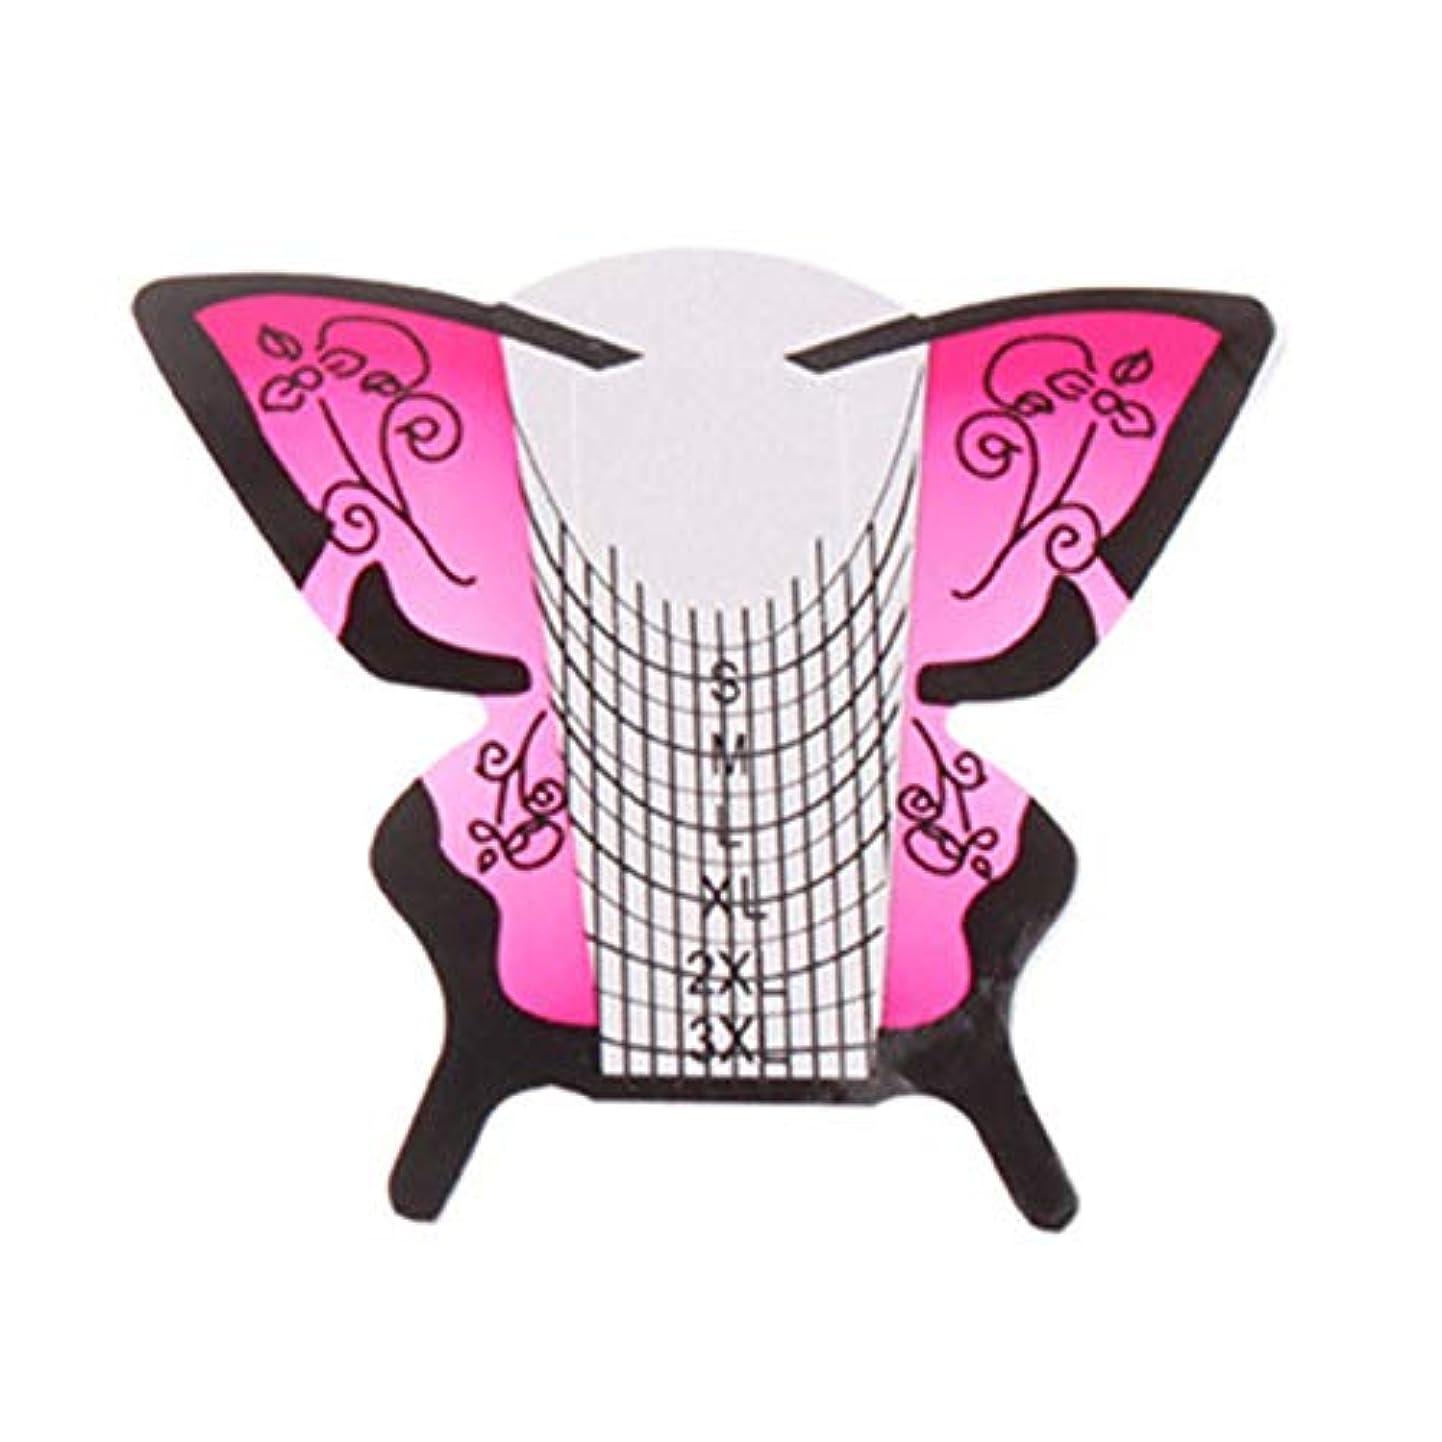 恐れる弁護比喩Gaoominy 300個/ロール ネイルアートフォーム蝶彫刻のヒントステッカーガイド拡張アクリルUVジェルツール 給紙トレイB